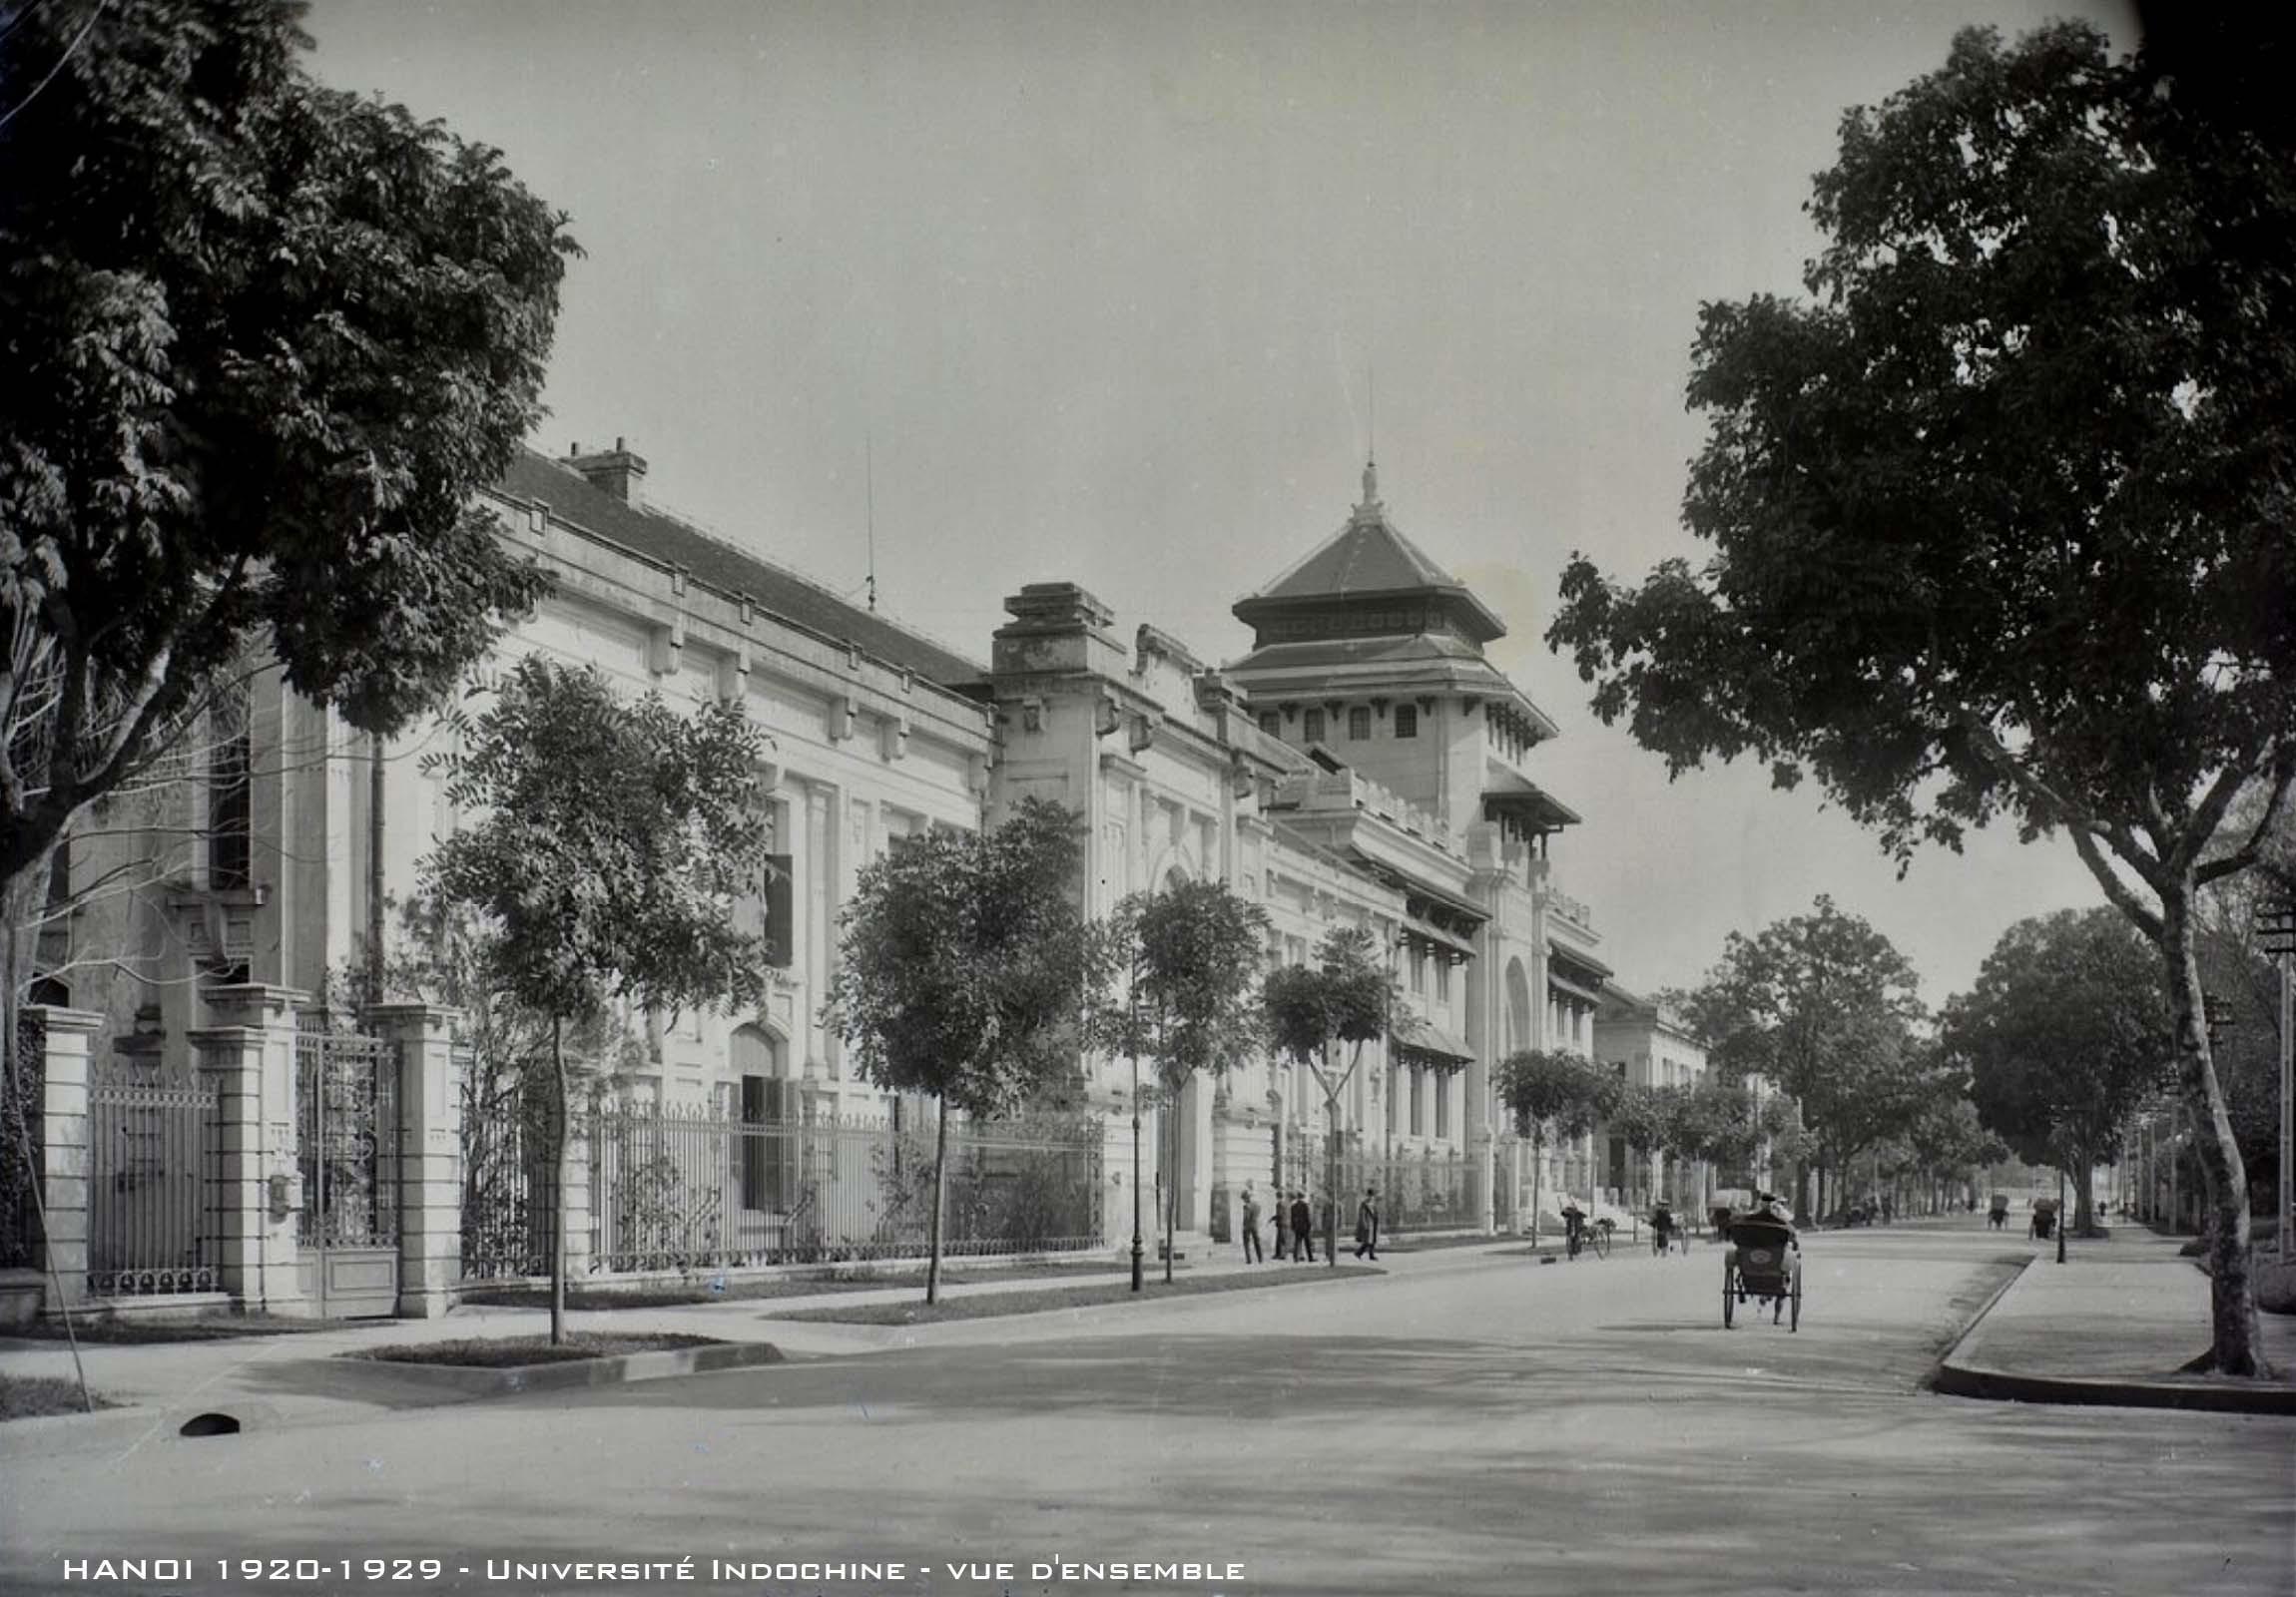 Chùm ảnh: Khám phá Đại học Đông Dương ở Hà Nội thập niên 1920